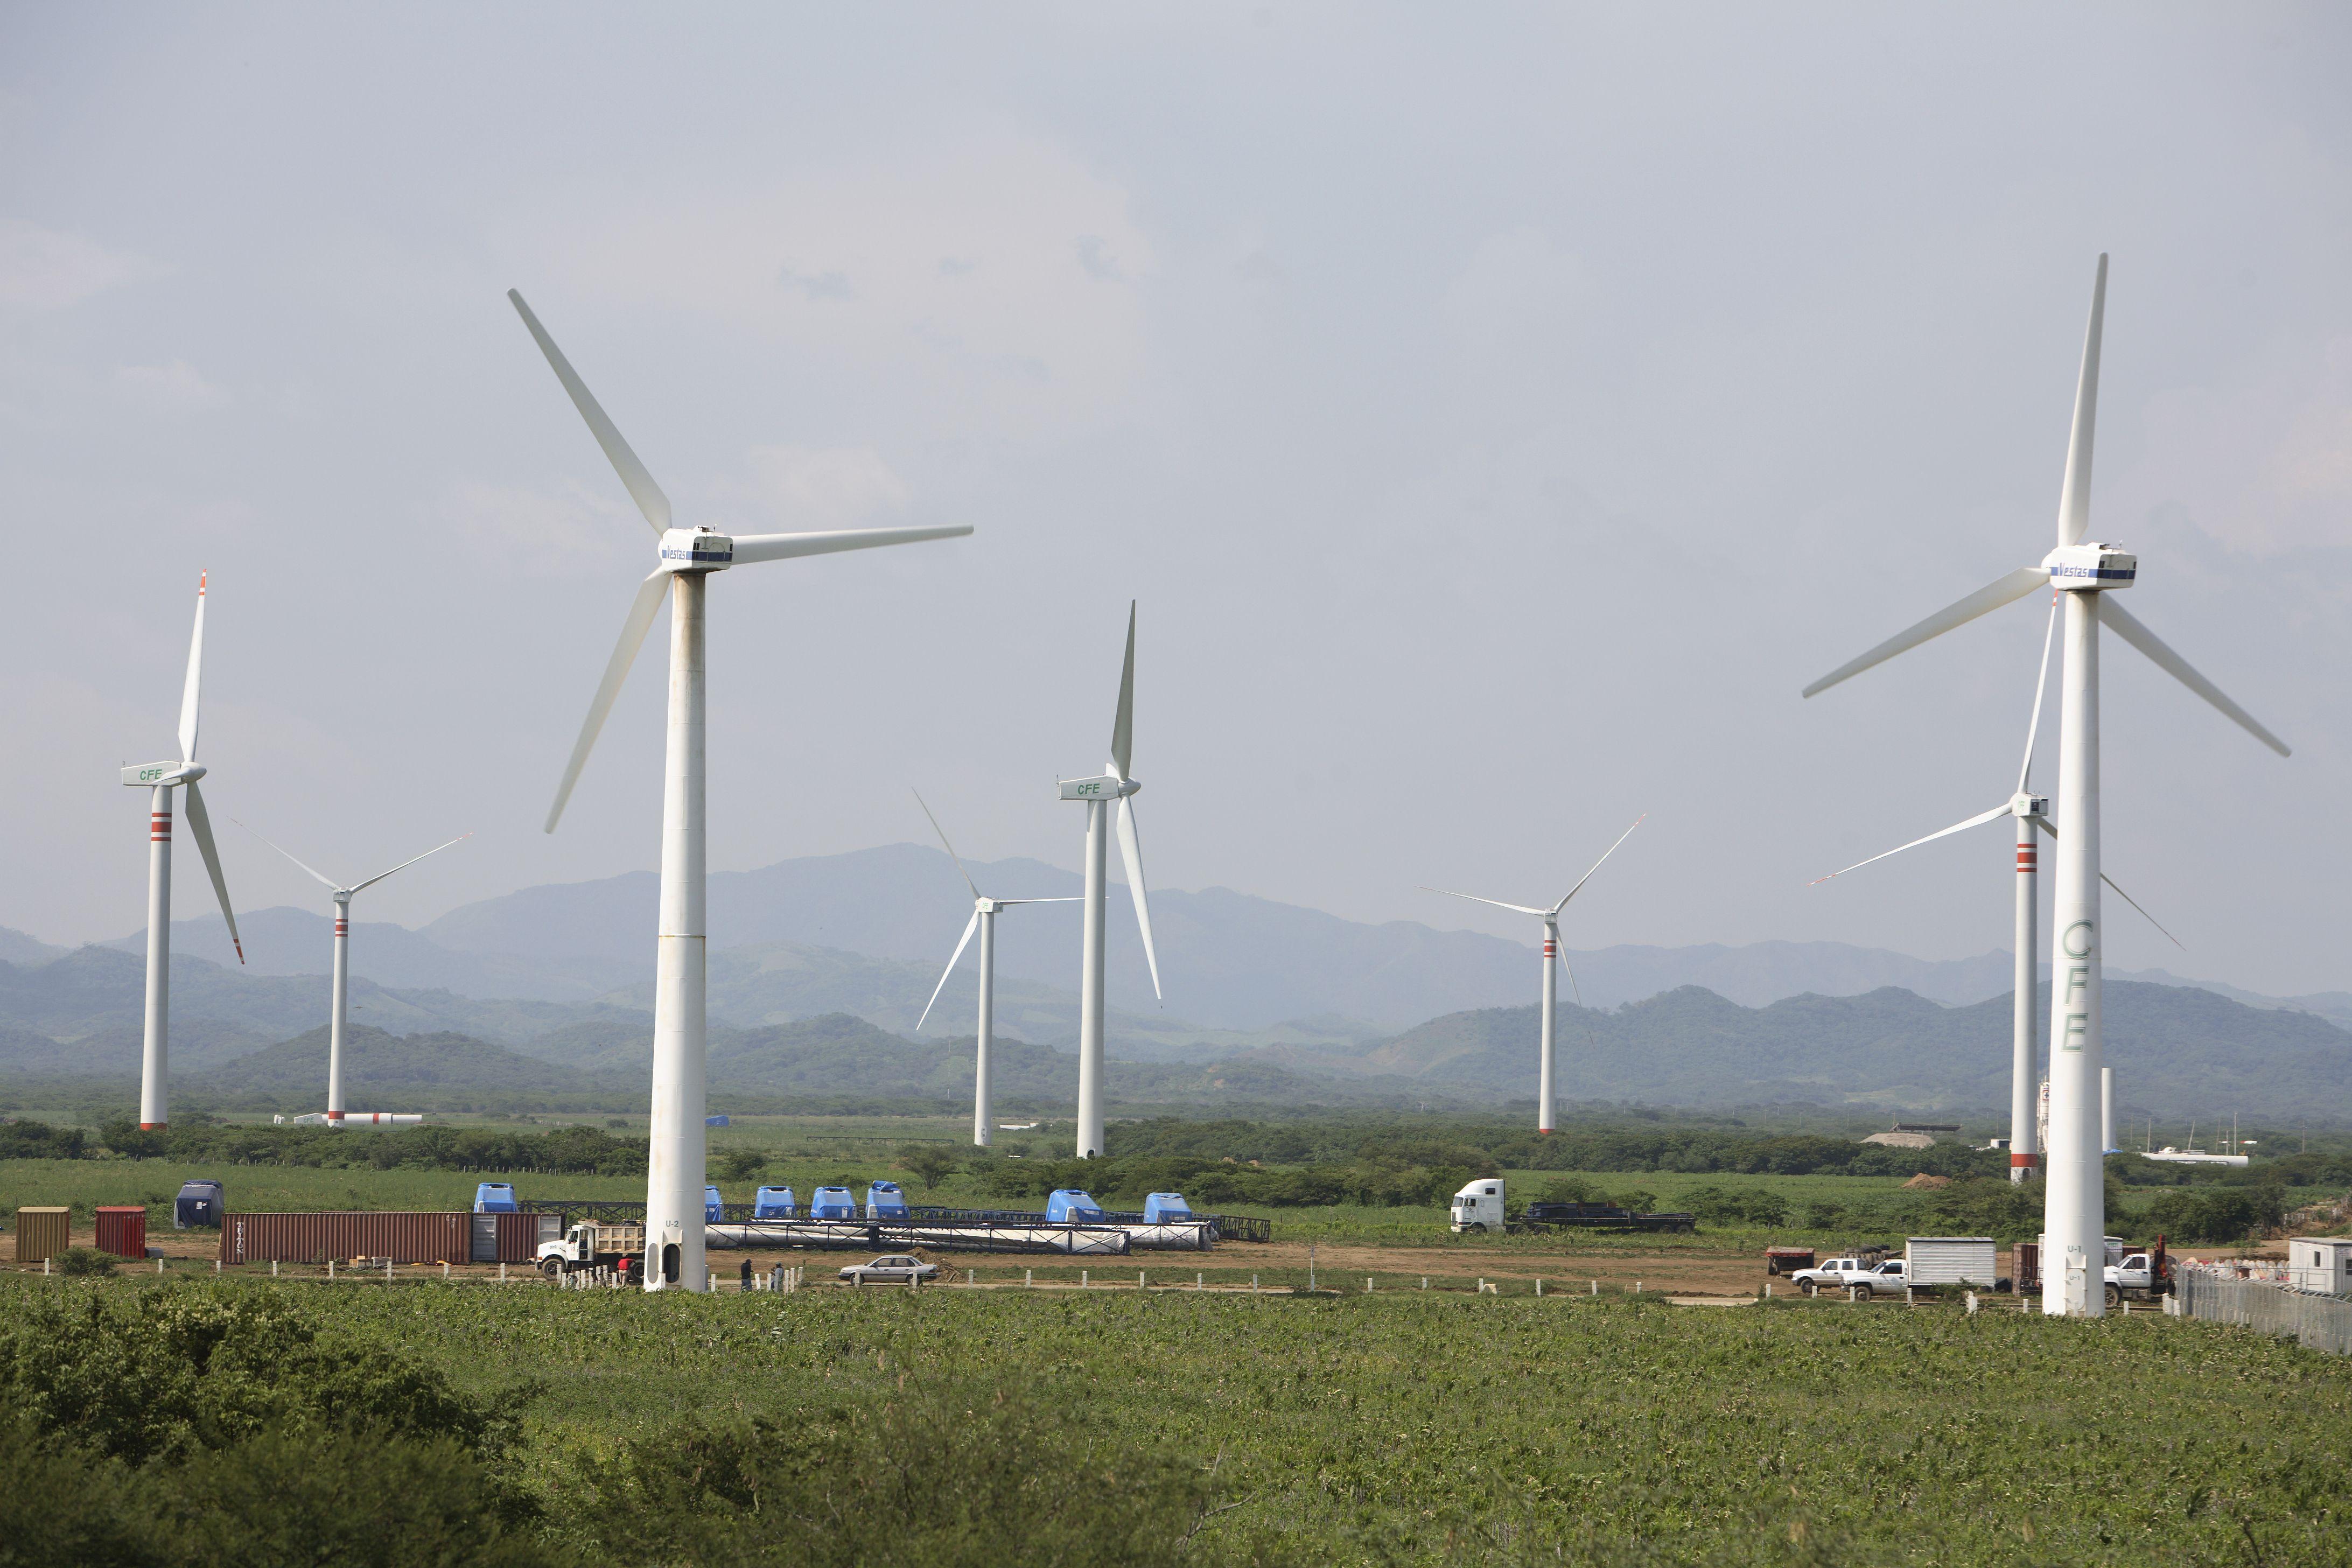 Eólica en México: proyectos eólicos en Tamaulipas